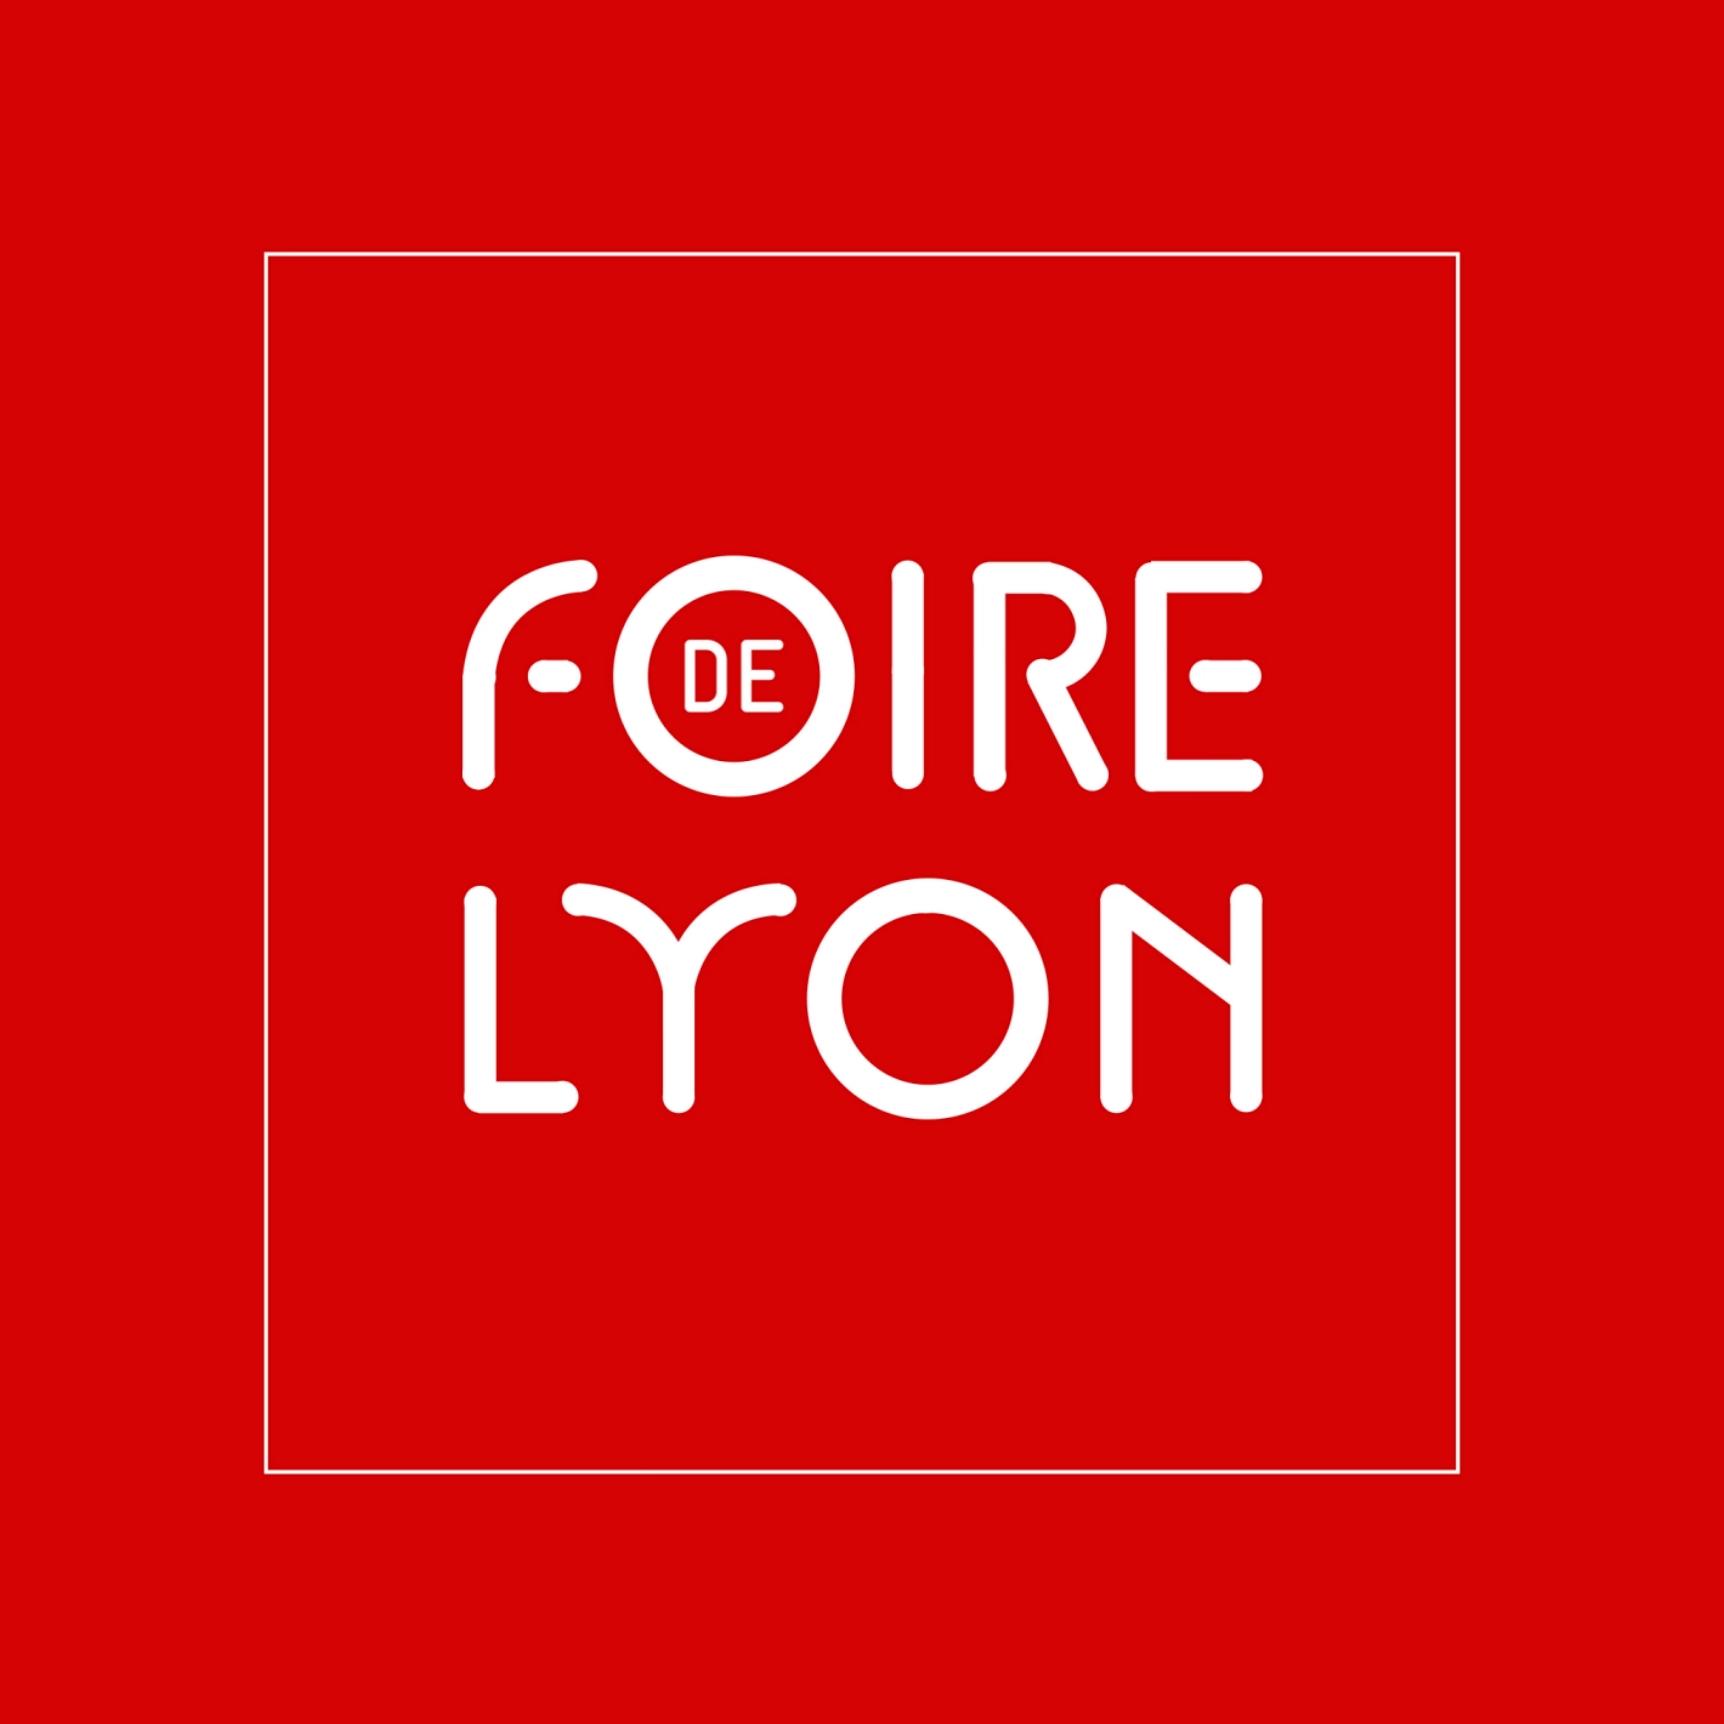 Foire de lyon du 23 mars au 02 avril 2018 cadres concept - Foire de lyon 2018 ...